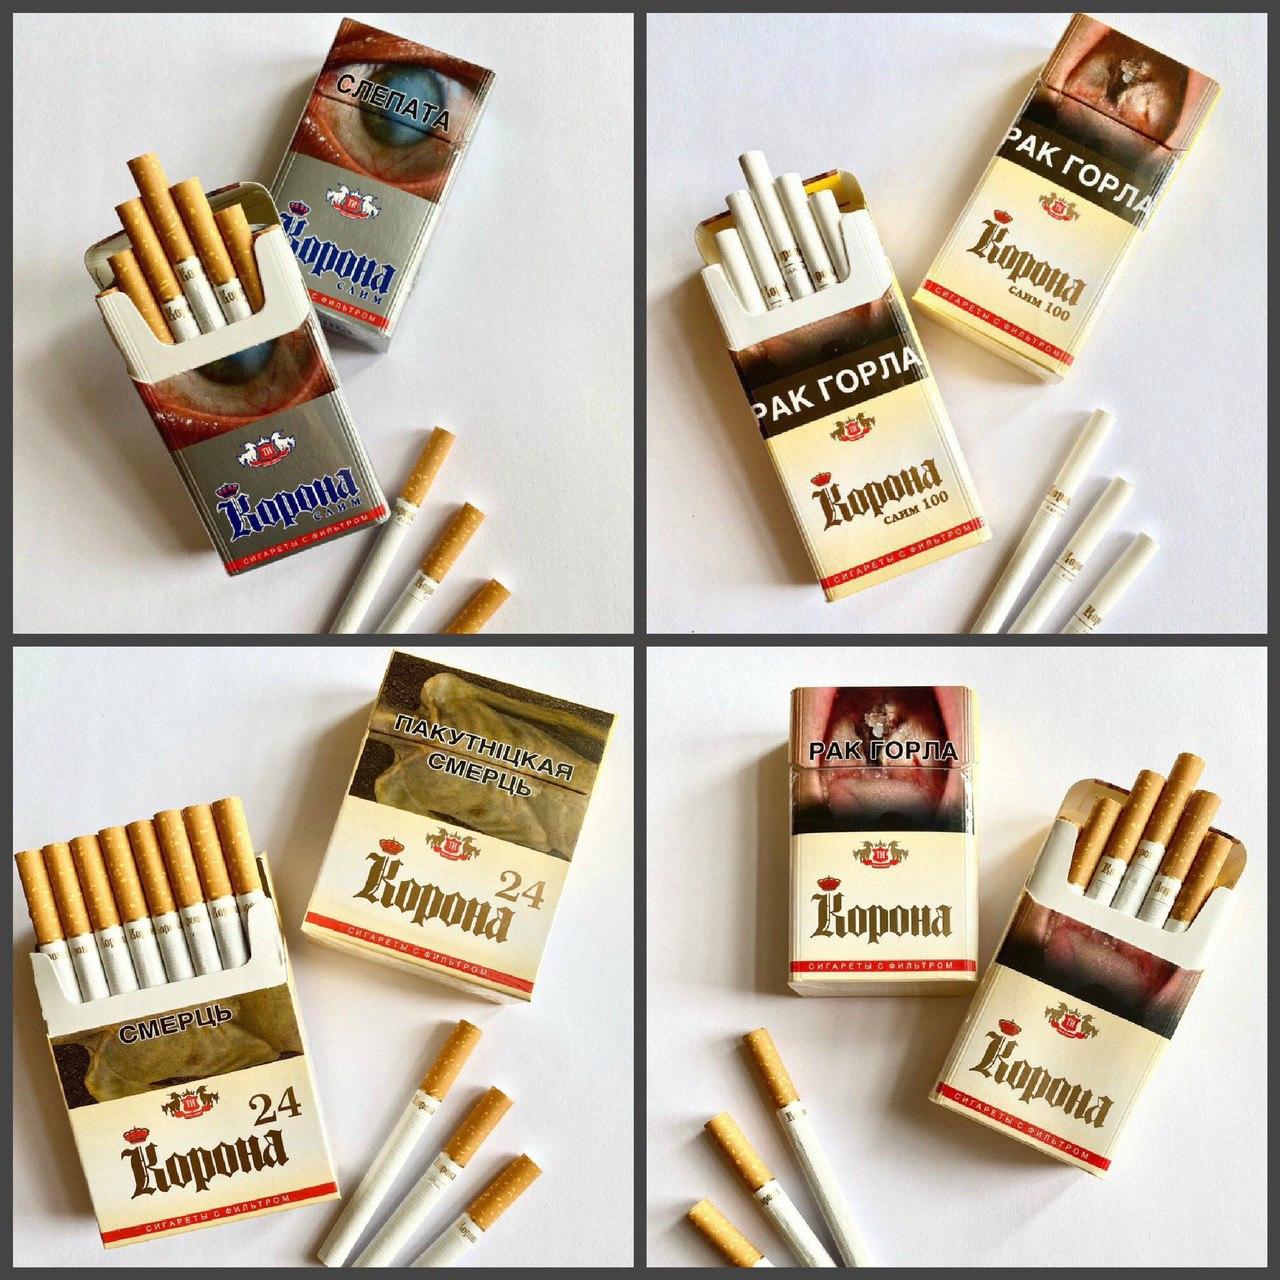 Сигареты оптом цены новосибирск оптовые компании табака